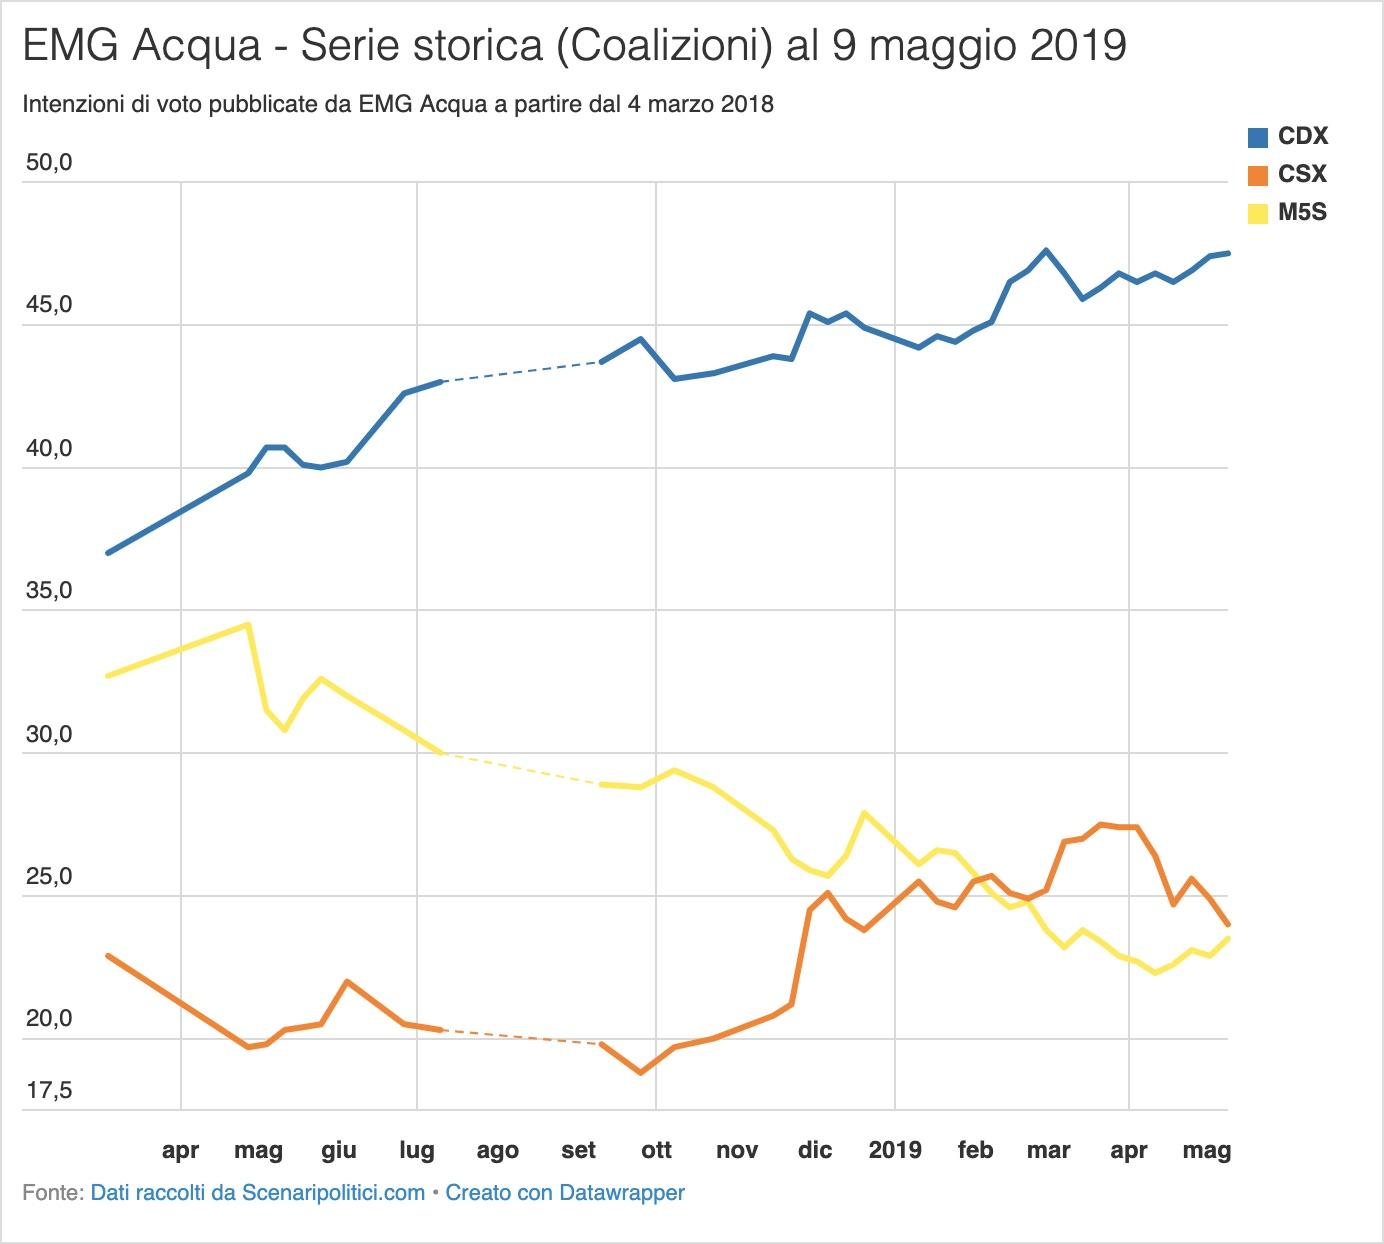 Sondaggio EMG Acqua 9 maggio 2019